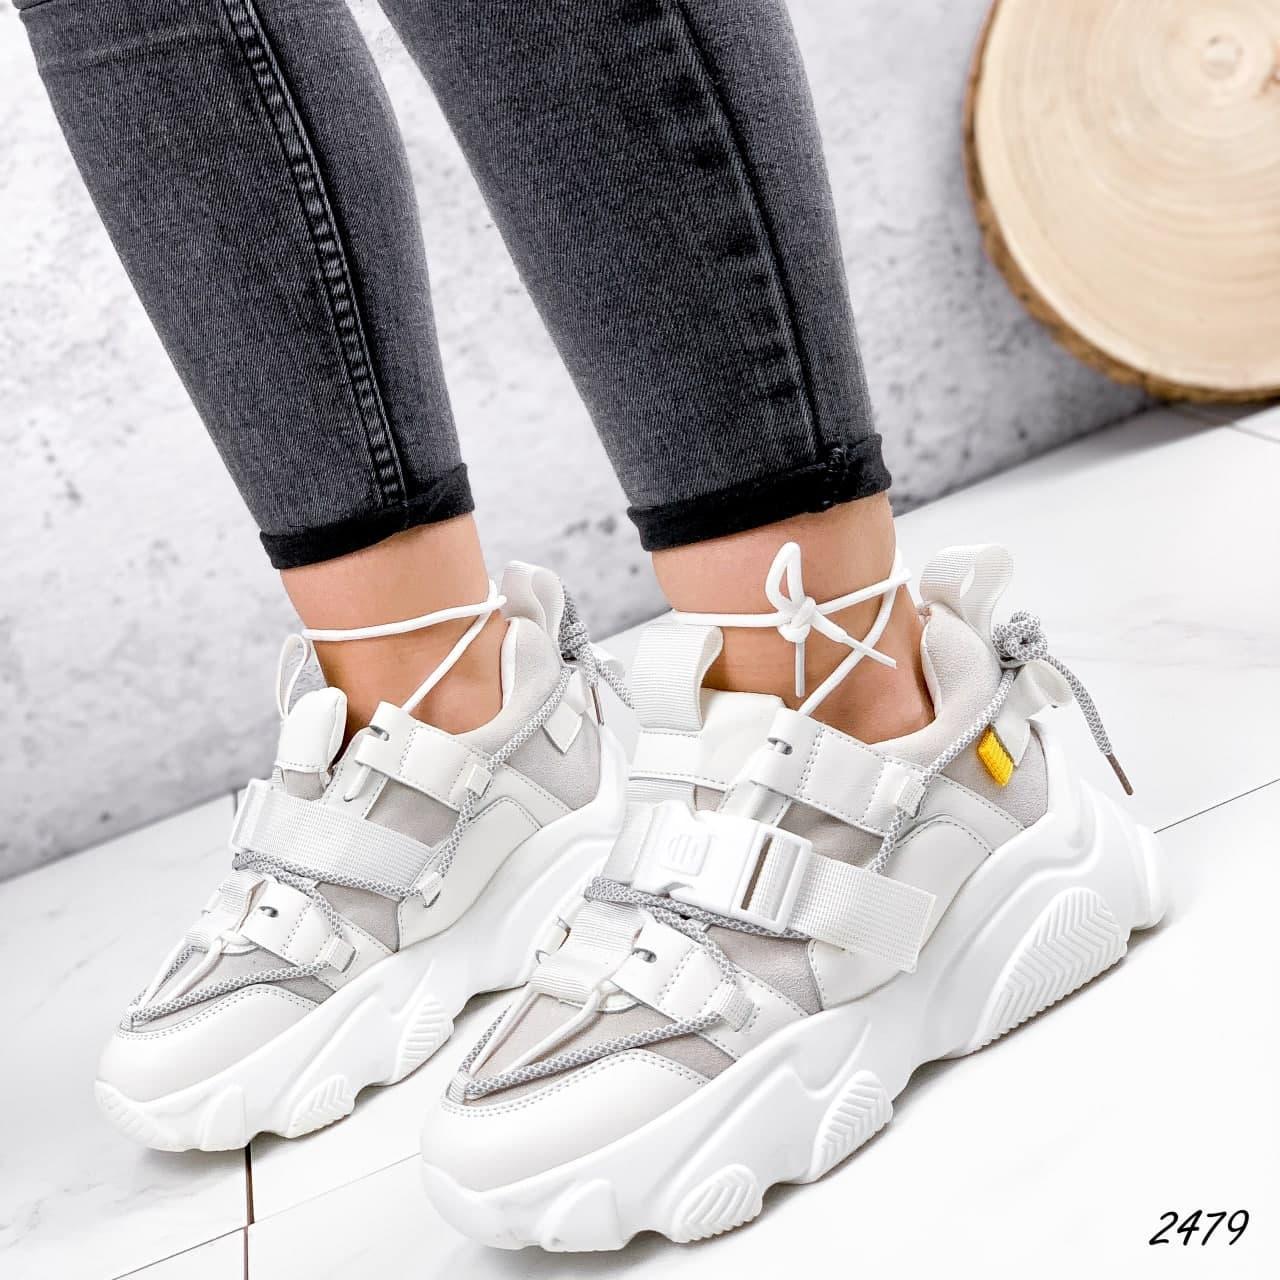 Кросівки жіночі білі, зимові з еко шкіри. Кросівки жіночі теплі білі з еко шкіри